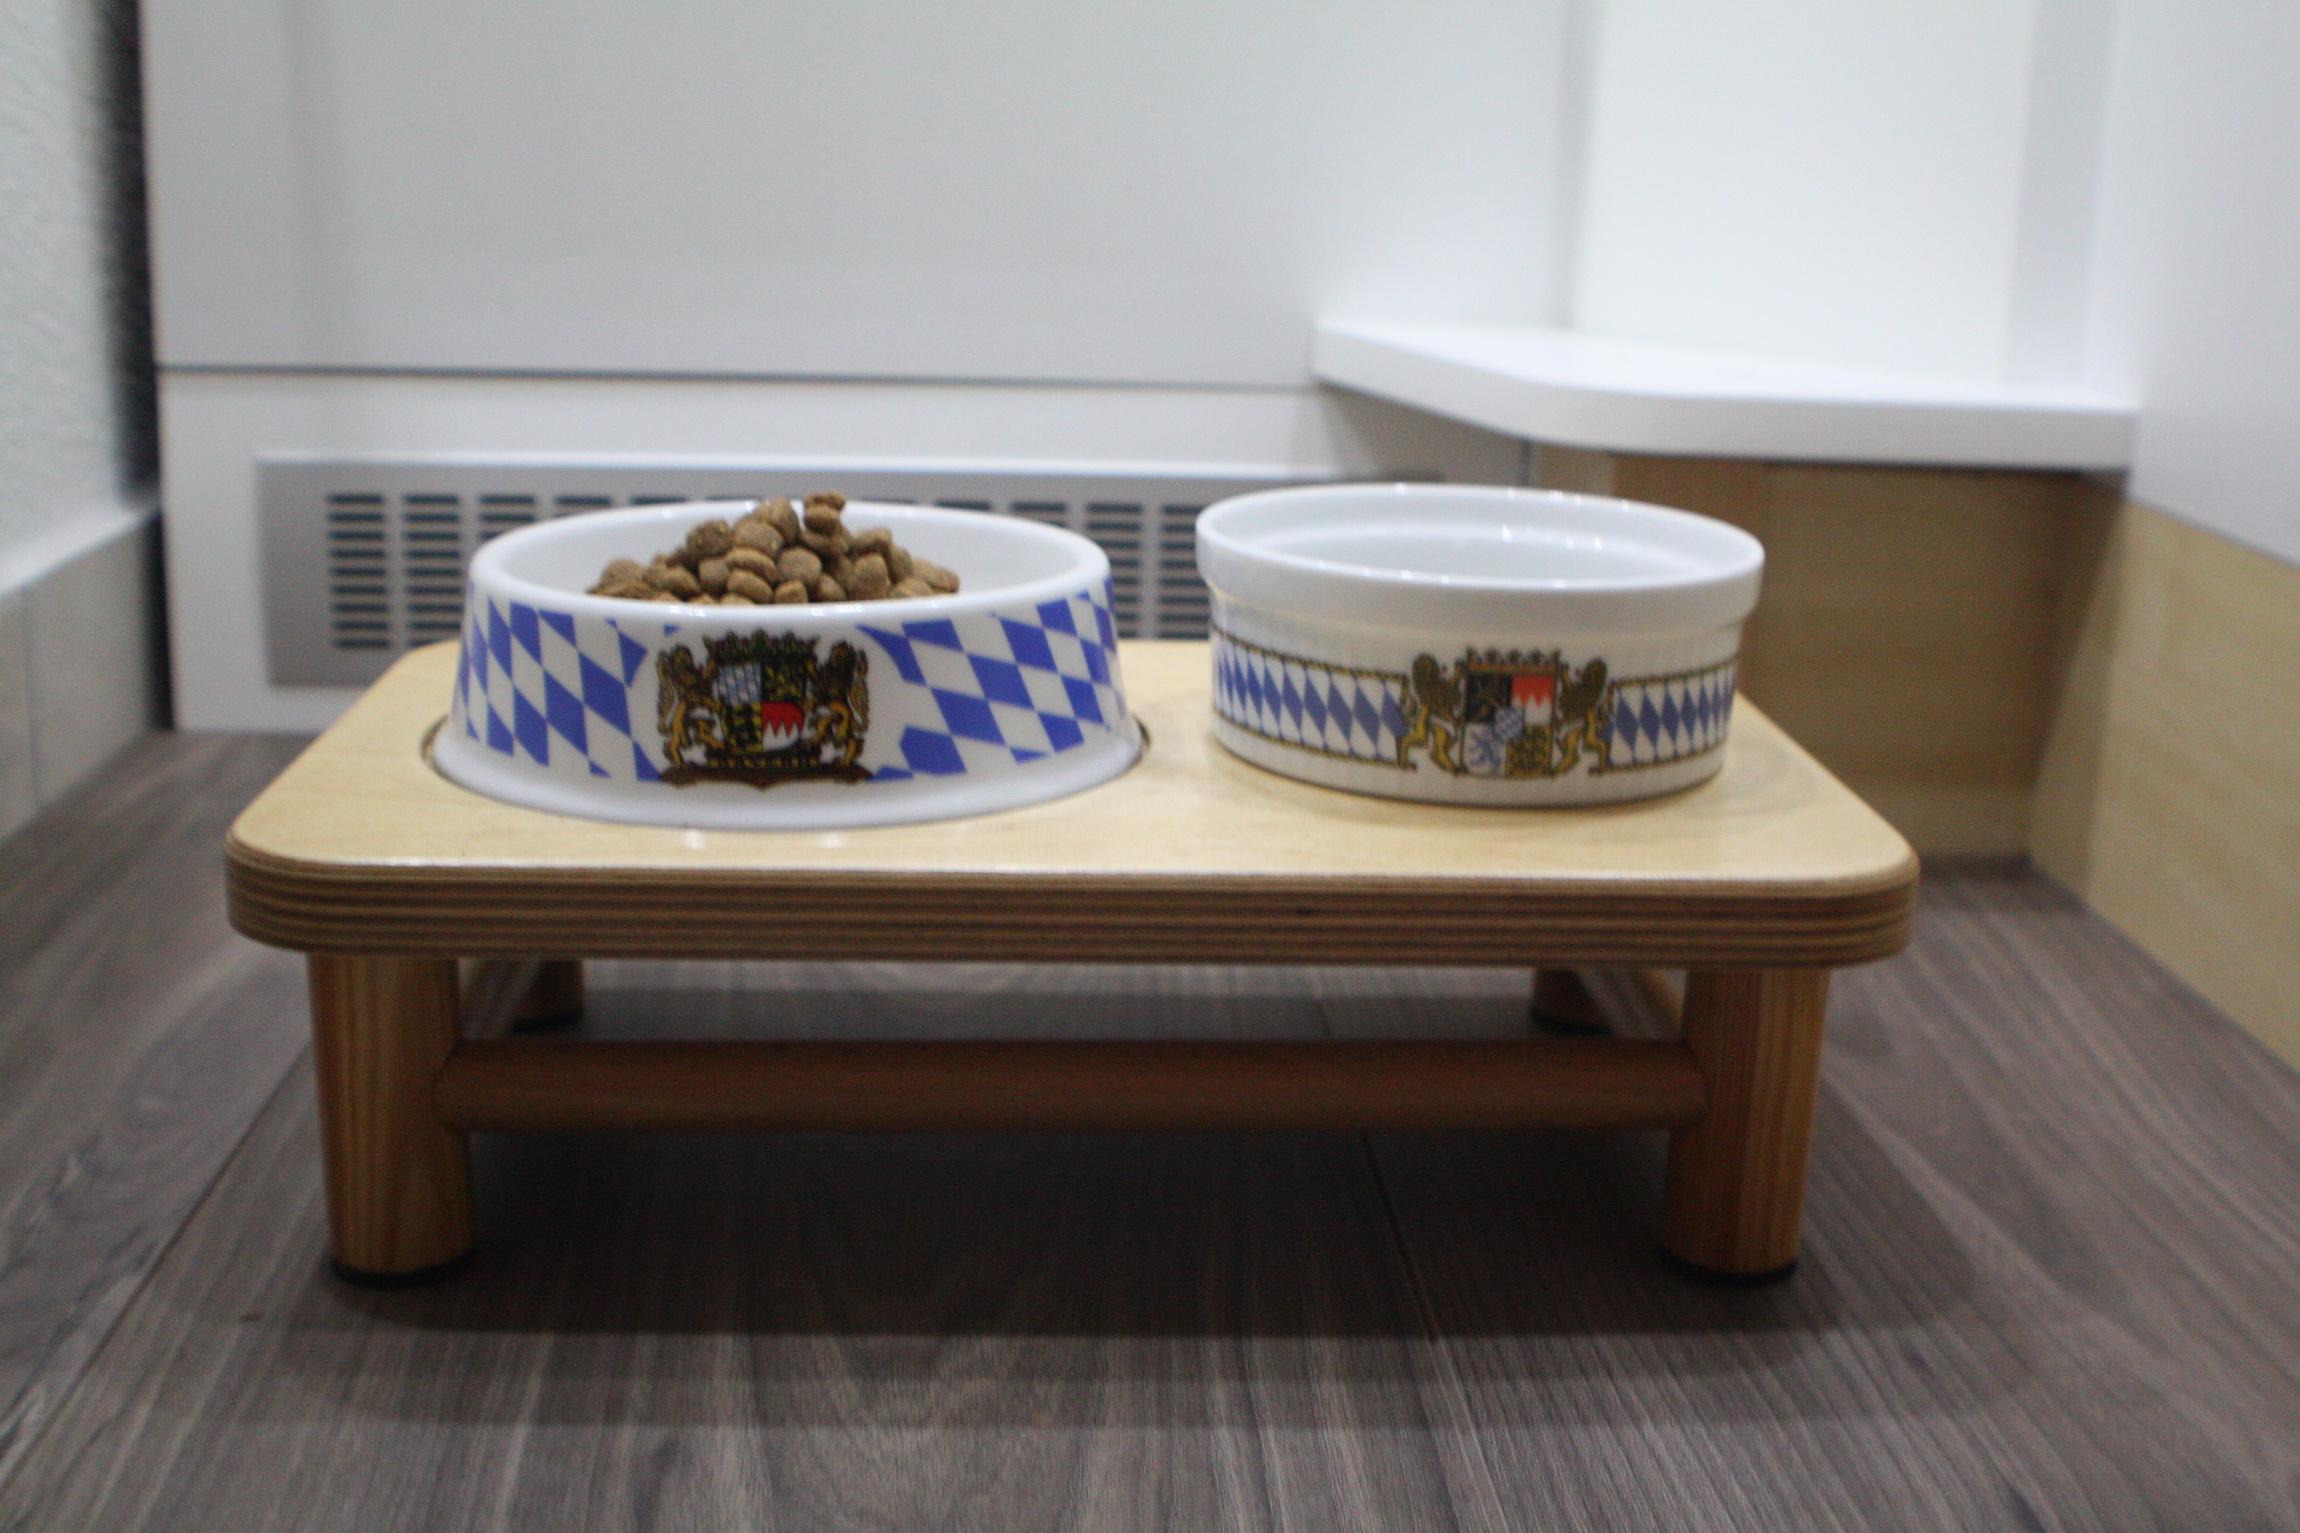 Couchtisch: Vier Ecken voller Stauraum